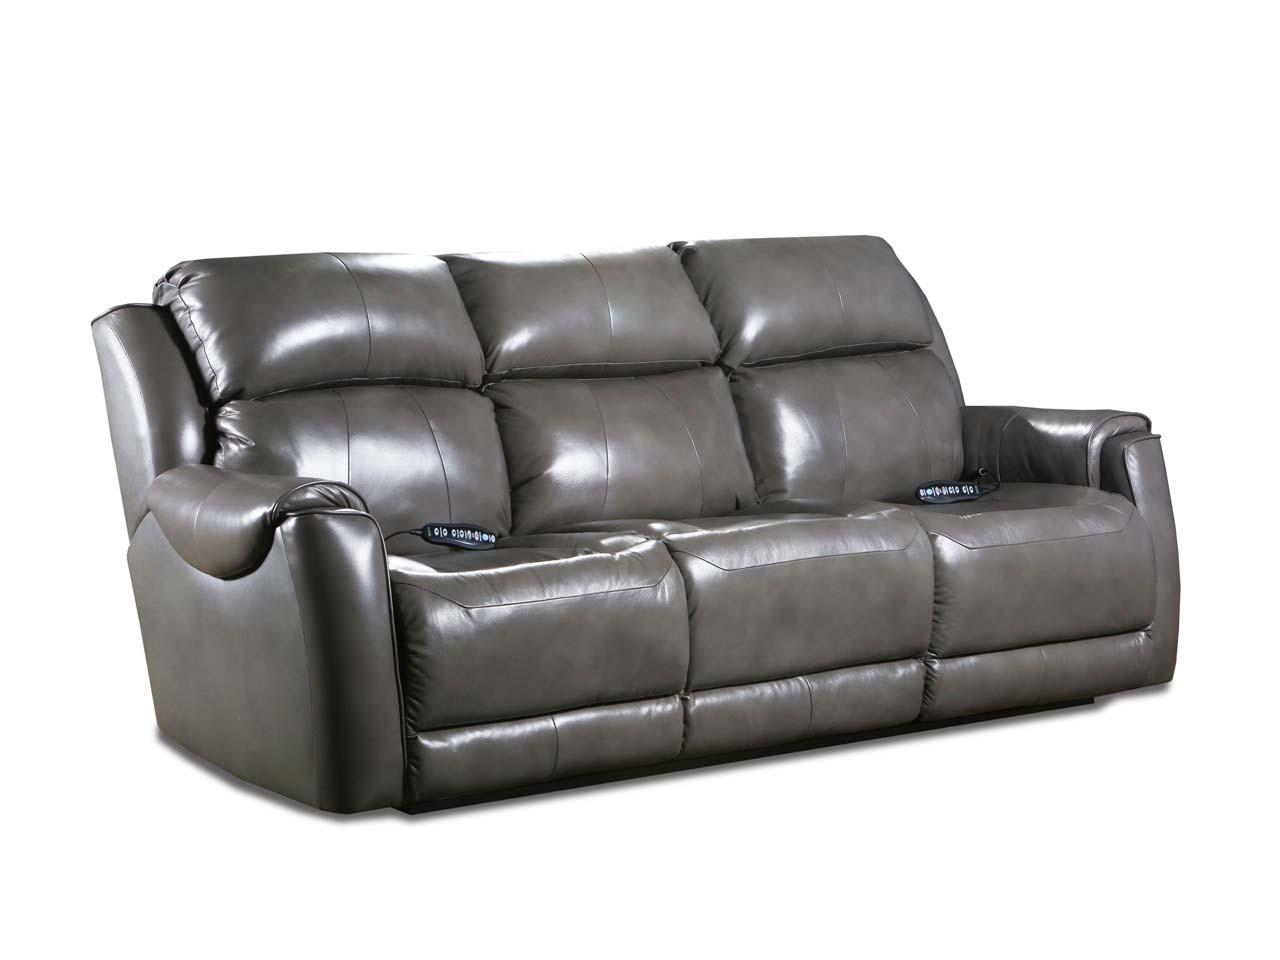 Swell Reclining Sofa Safe Bet Featuring Socosi Massage Deep Short Links Chair Design For Home Short Linksinfo